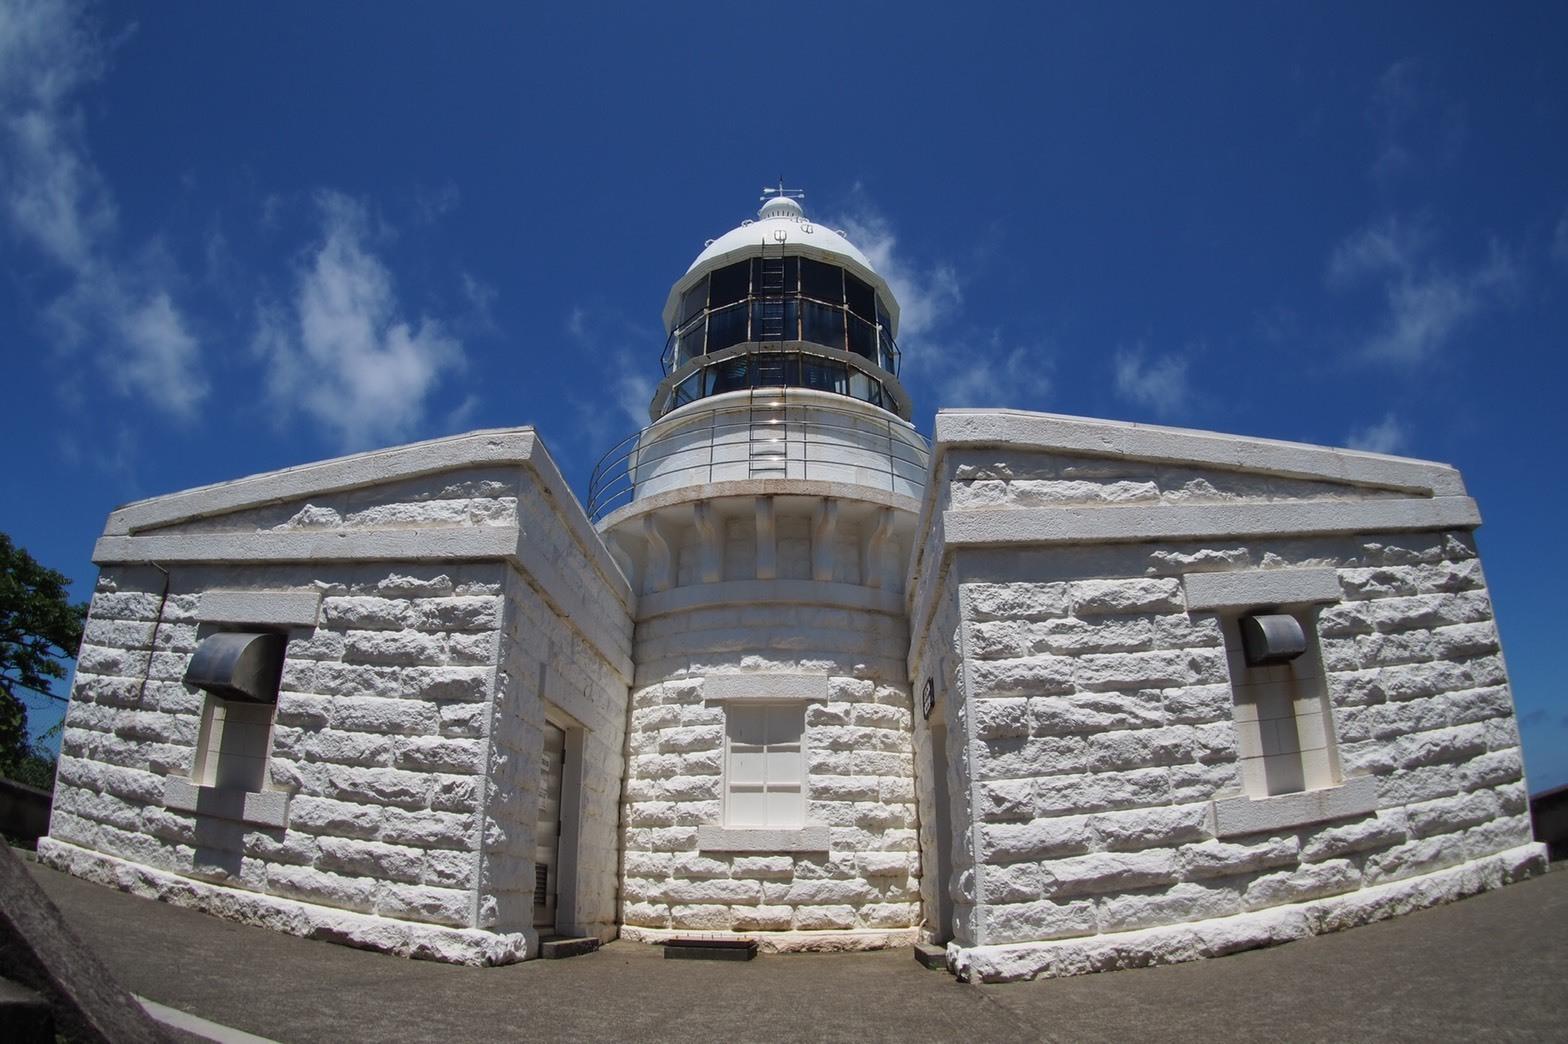 ぴーきち&ダイナ ハーレーブログ 京都丹後半島ツーリンング 経ヶ岬灯台 全景